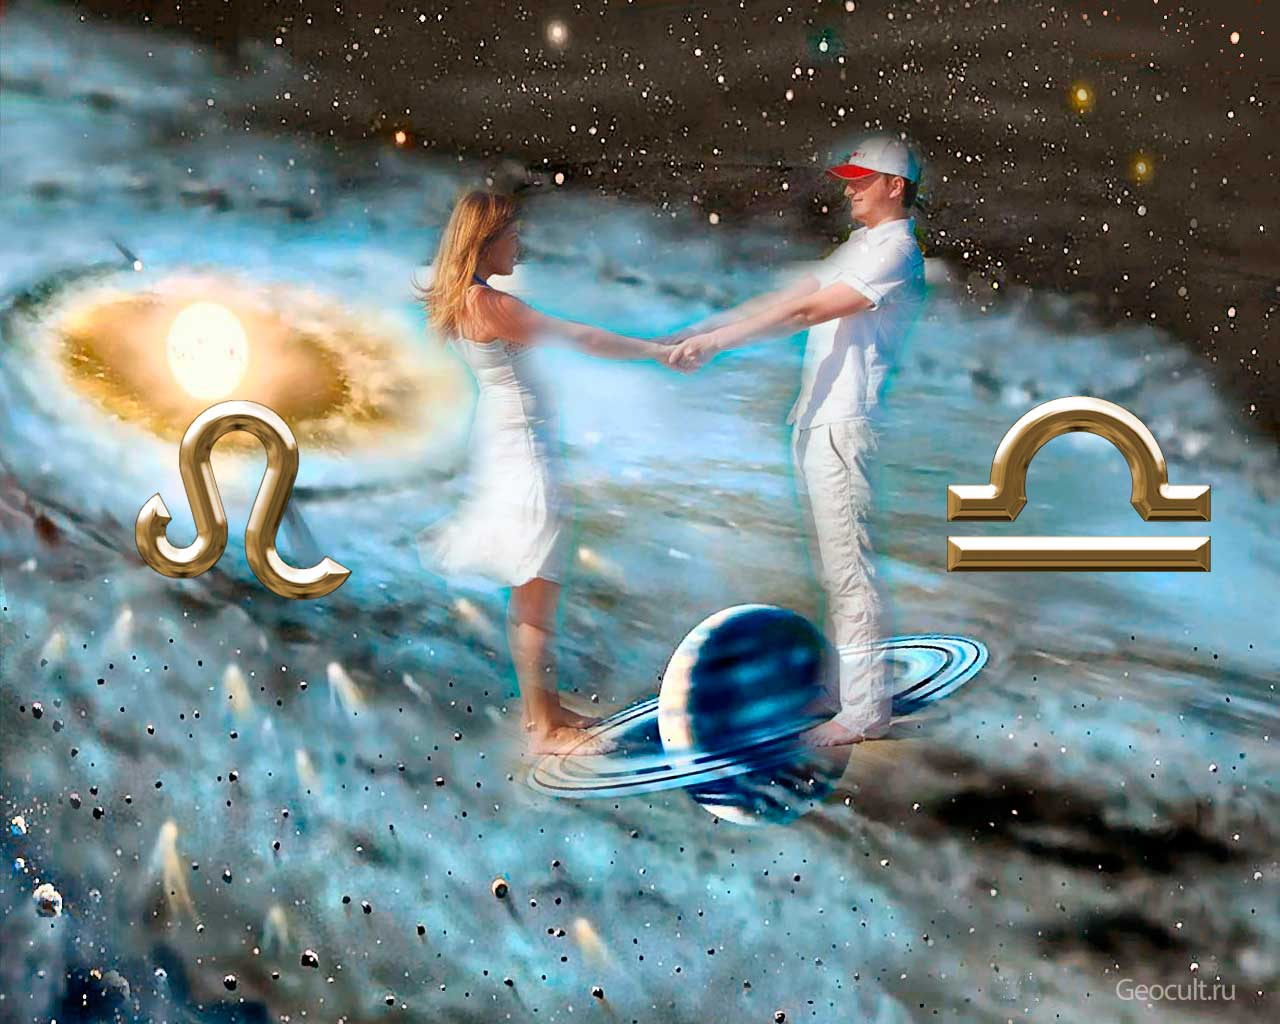 Астрология знак водолея и знак весы могут быть сексуальные отношения